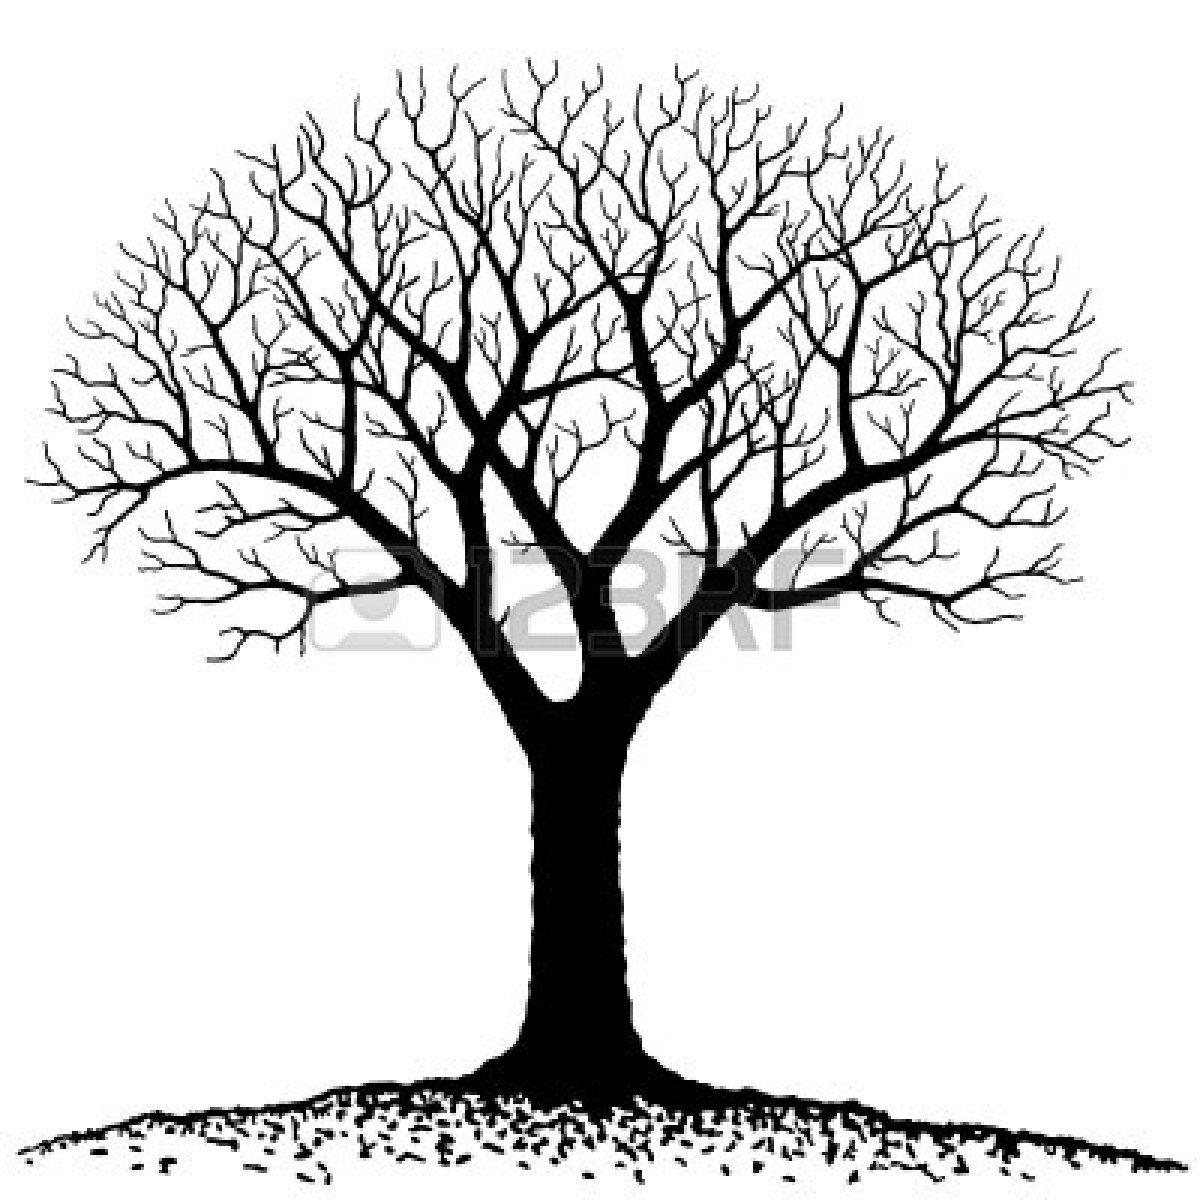 Bare Tree Silhouette Clip Art | Bare Tree Silhouette Clip Art ...